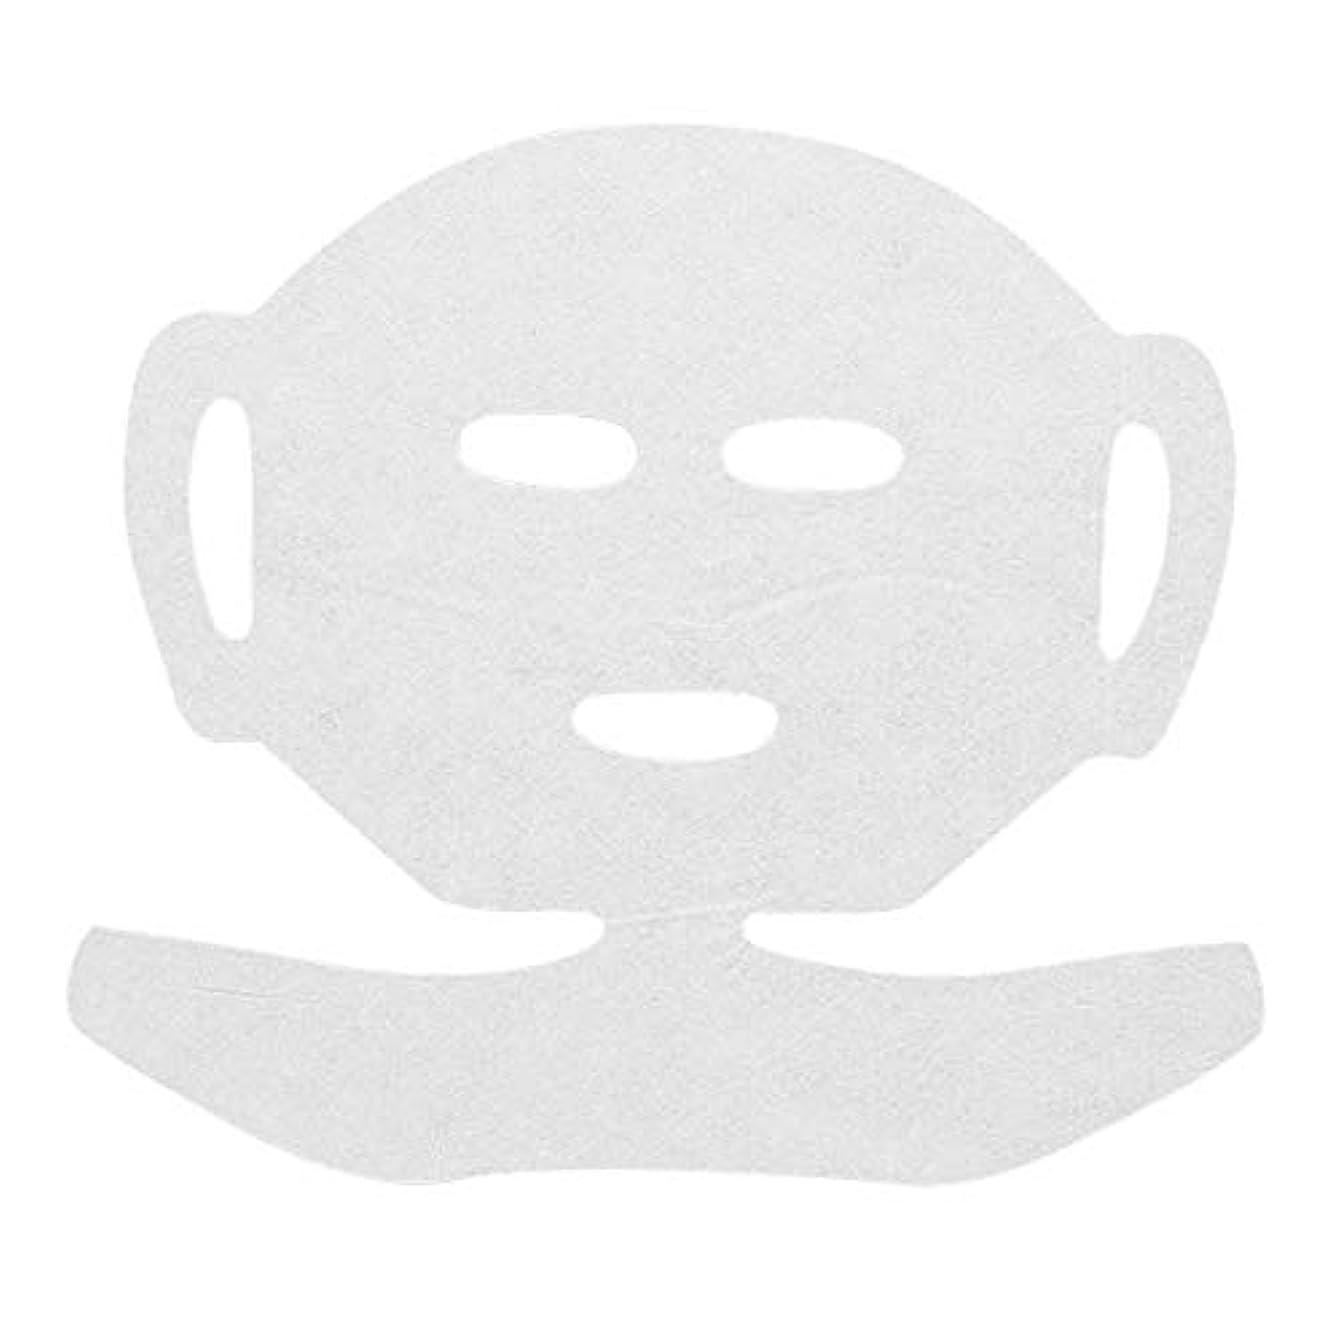 専らようこそハッチ高保水 フェイシャルシート (マスクタイプネック付き 化粧水無し) 80枚 29×20cm [ フェイスマスク フェイスシート フェイスパック フェイシャルマスク シートマスク フェイシャルシート フェイシャルパック ローションマスク ローションパック ]